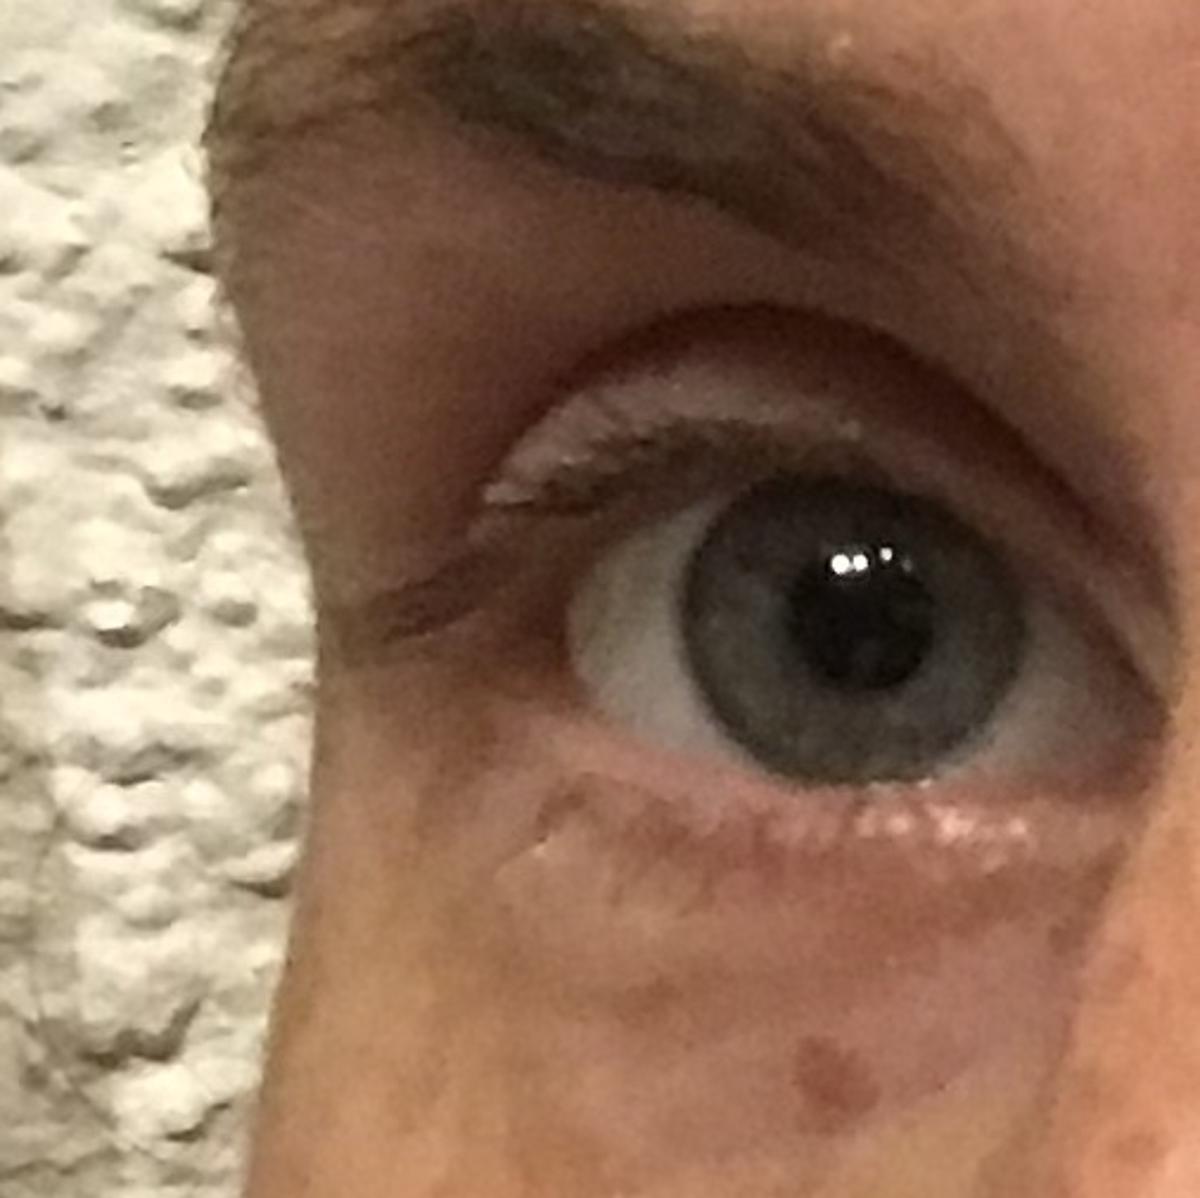 1000 Fragen an mich selbst – #27